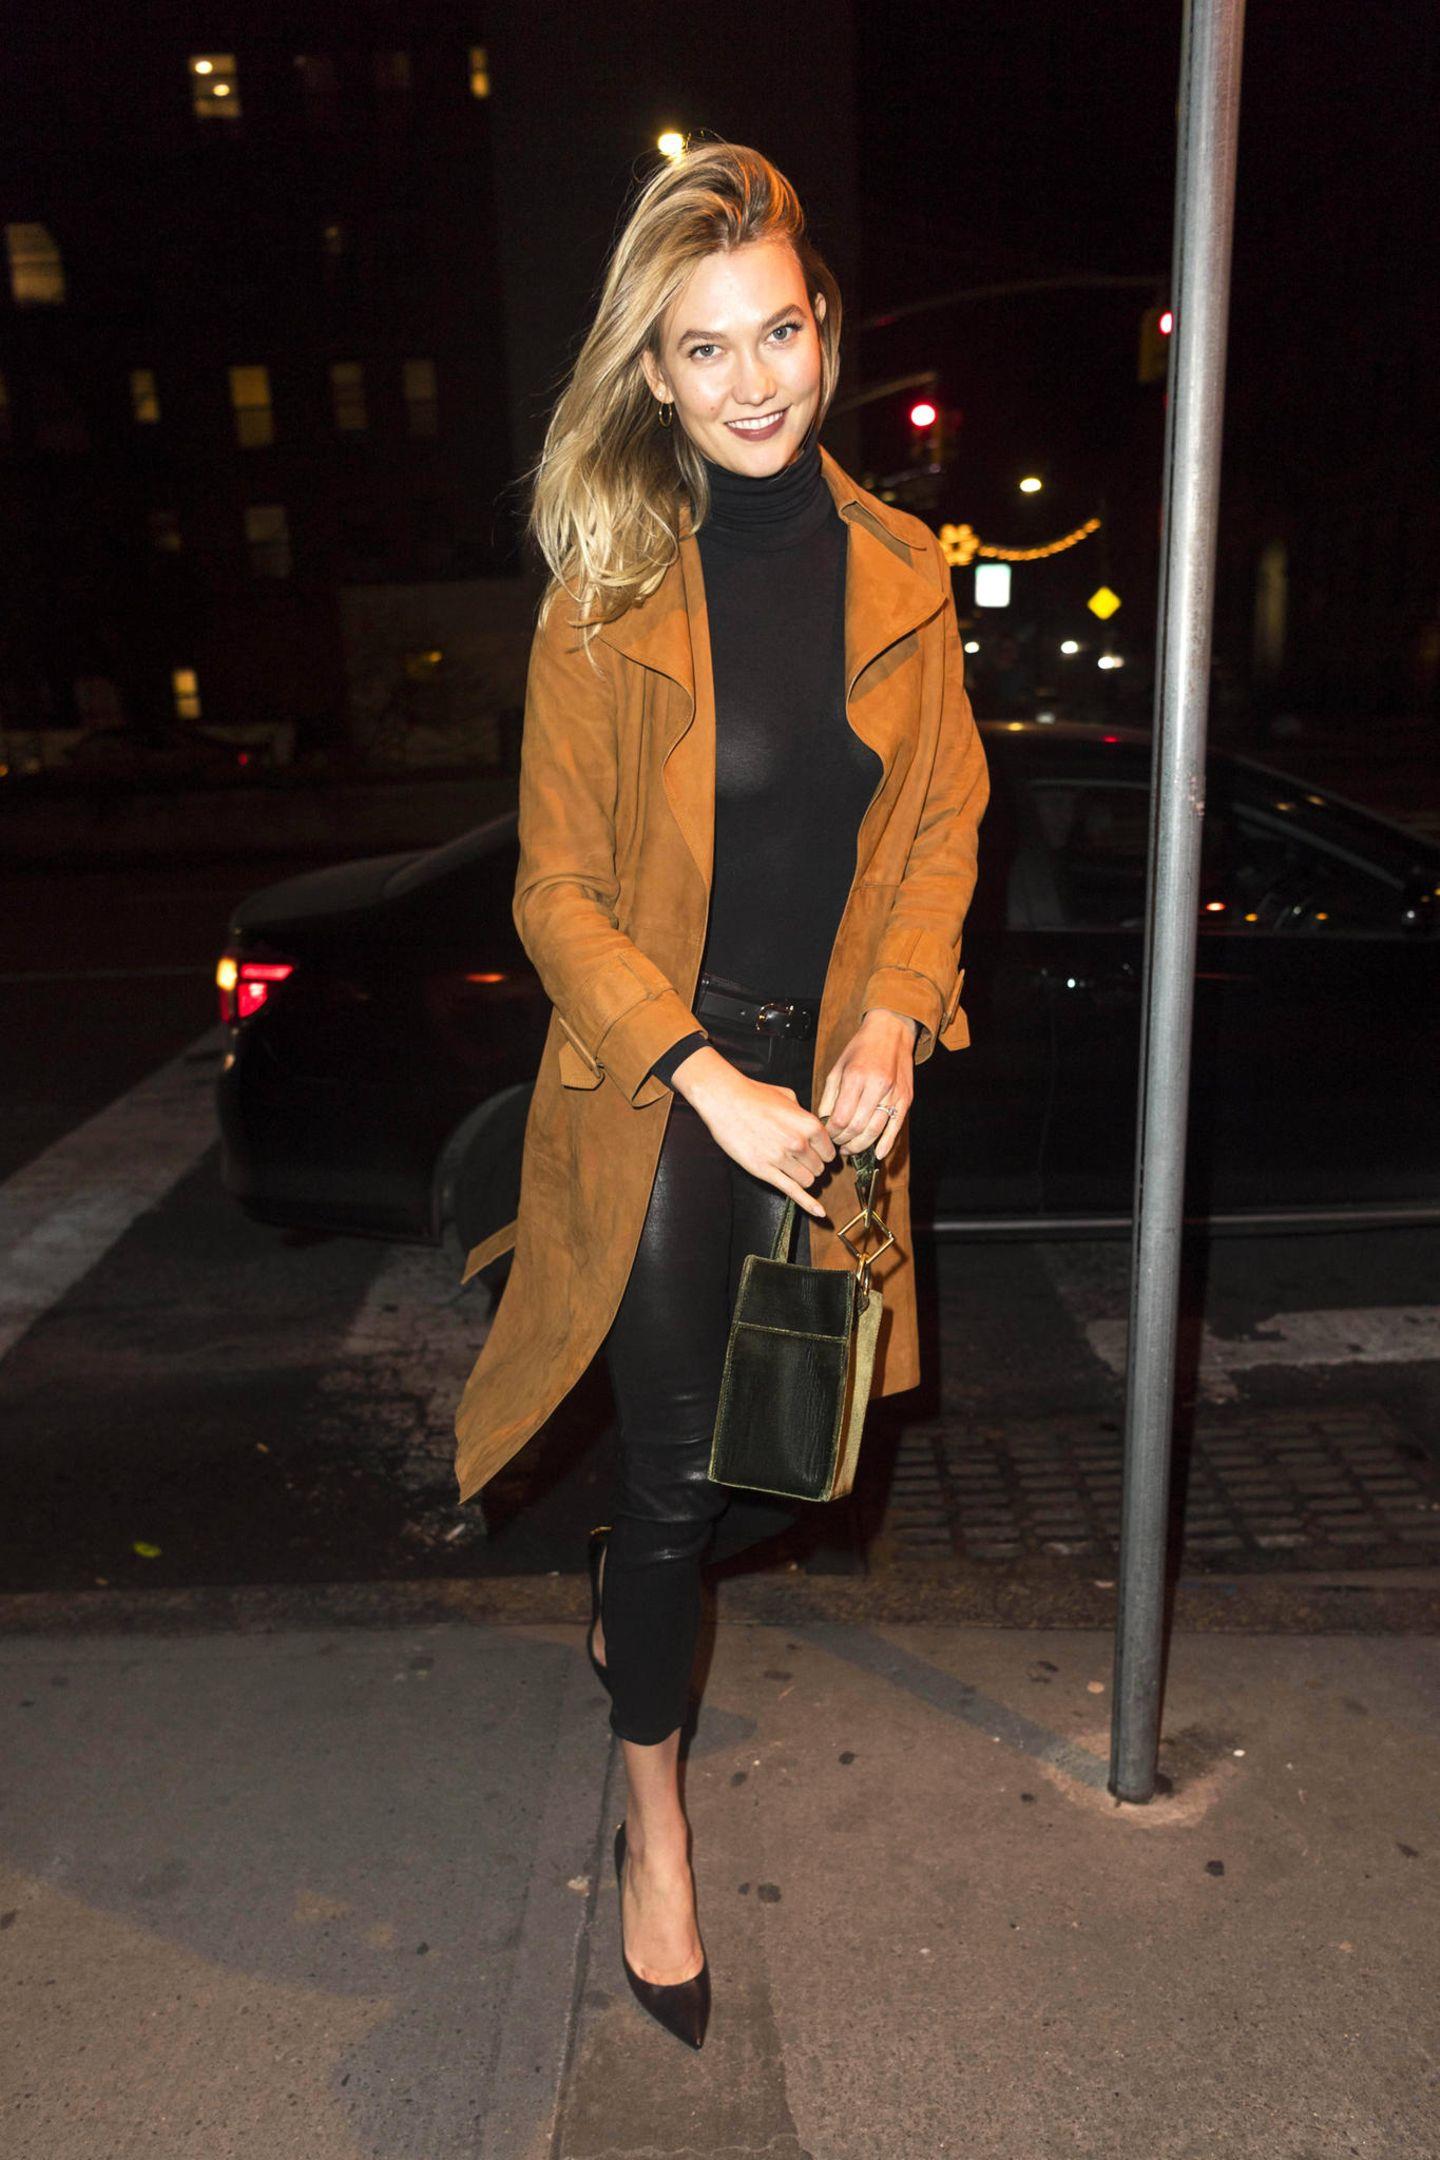 Model Karlie Kloss zeigt sich in New York in einem auf den ersten Blick relativ unspektakulären Look. Doch schaut man genauer hin, lässt sie ziemlich tief blicken ...